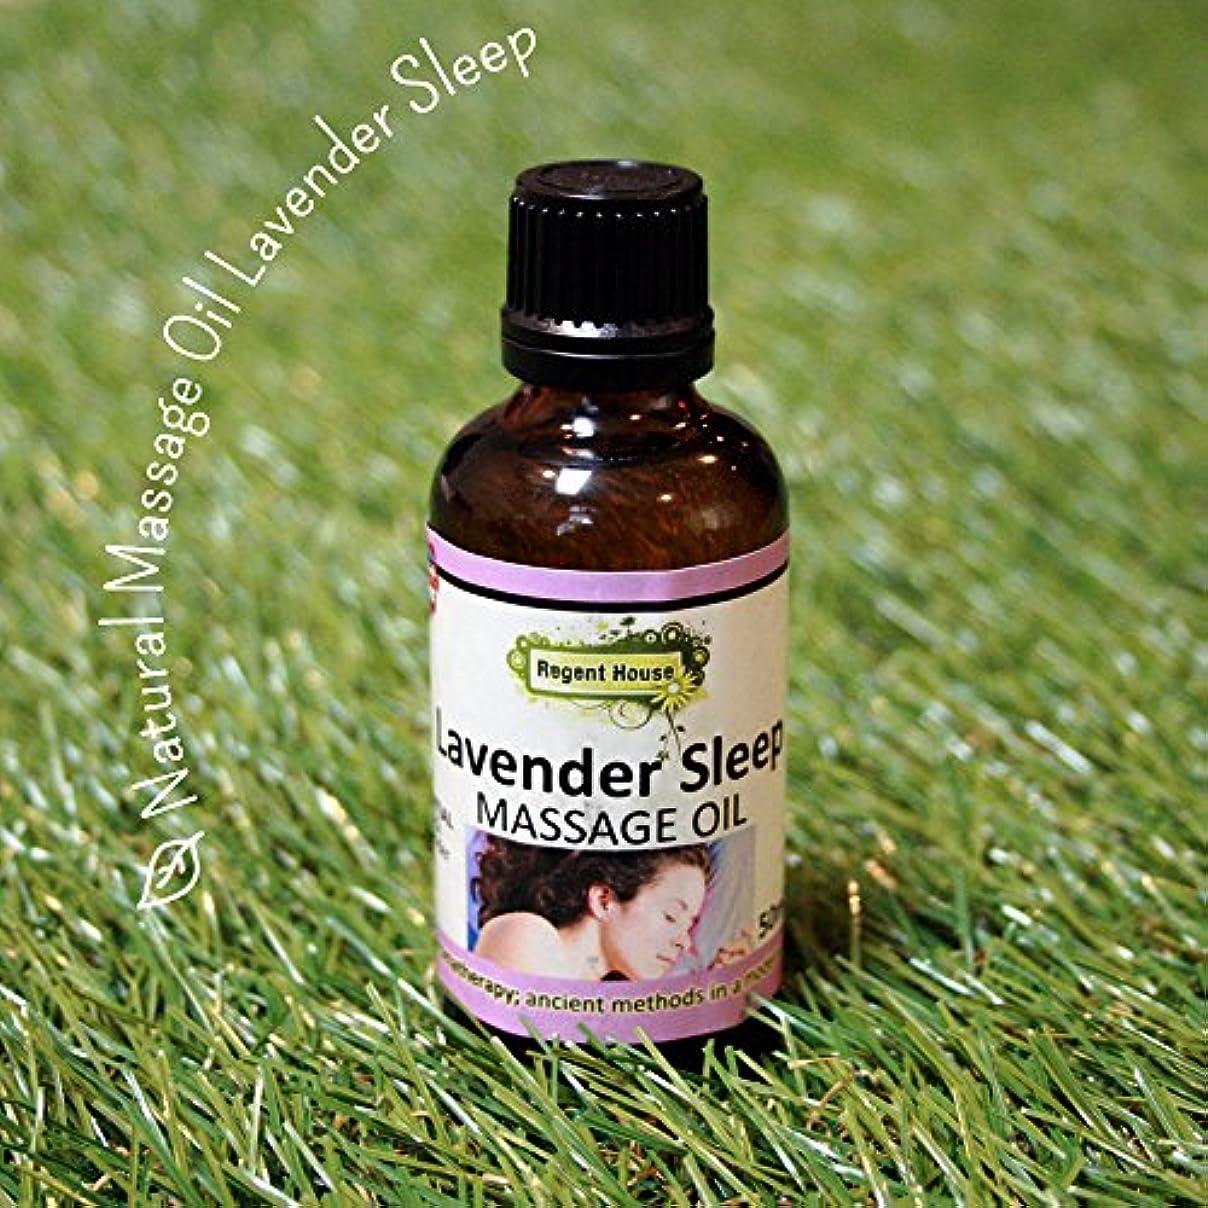 適応モス抹消フランス産のオーガニックラベンダーのみの、贅沢オイル。 アロマ ナチュラル マッサージオイル 50ml ラベンダースリープ(Aroma Massage Oil Lavender Sleep)